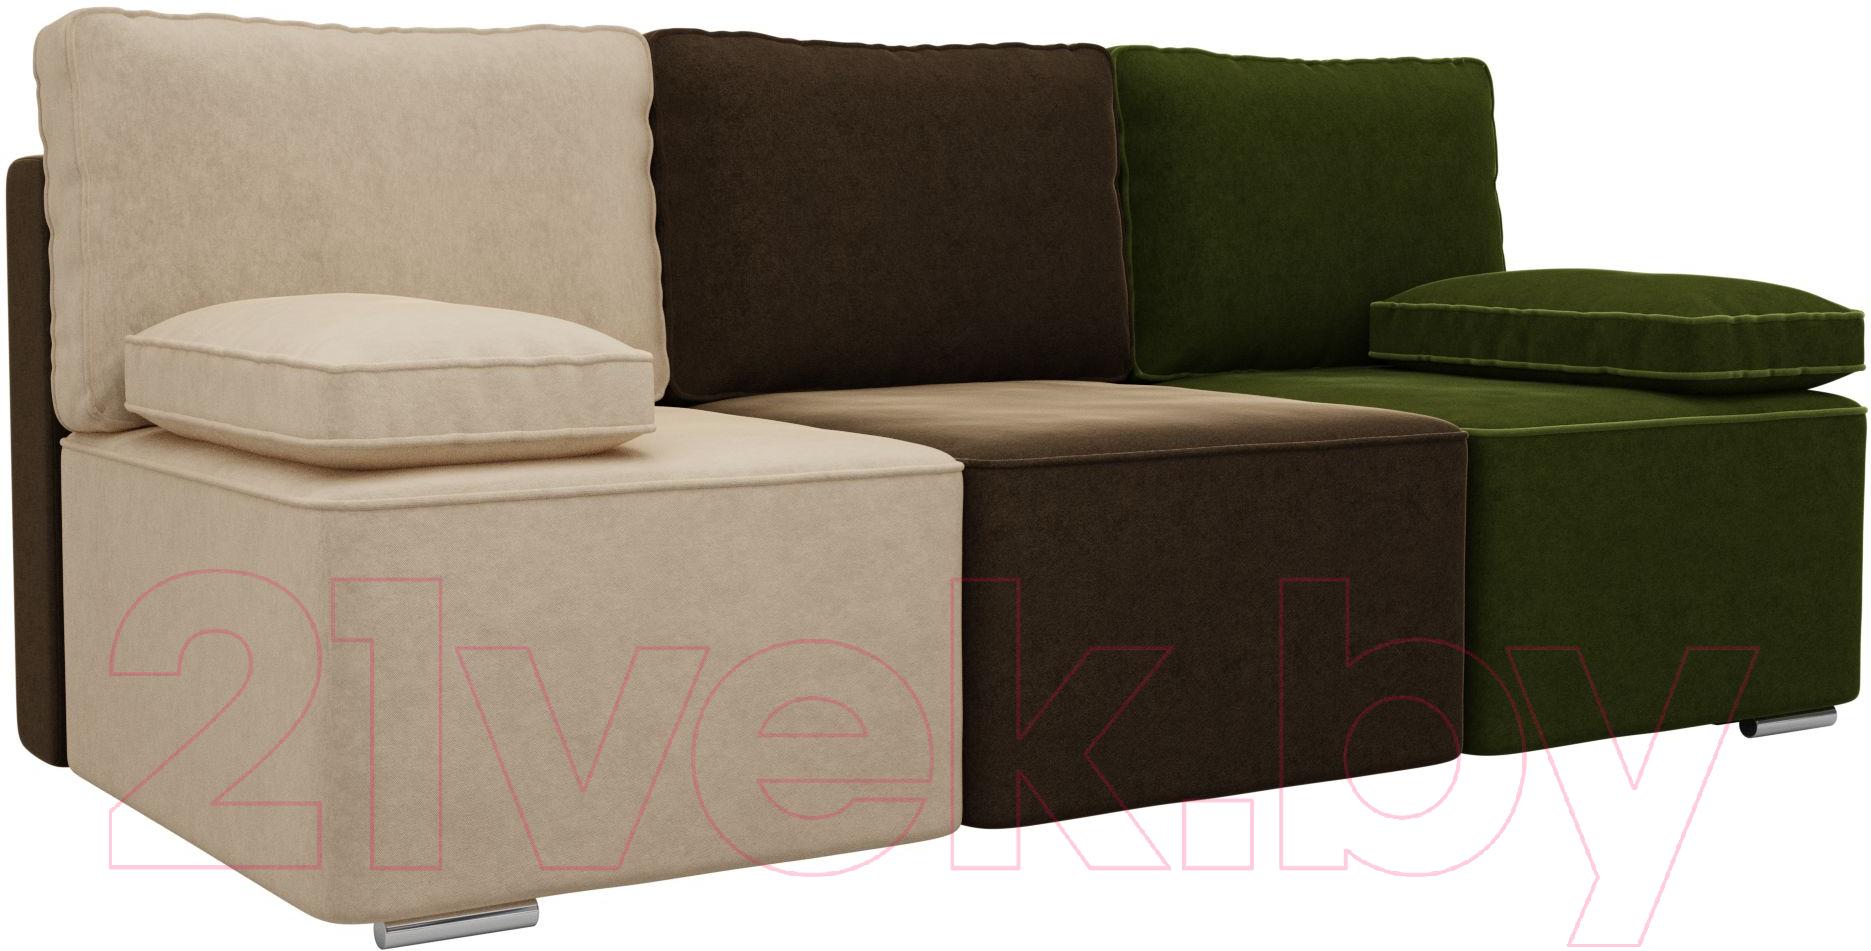 Купить Диван Mio Tesoro, Пескара 180 (микровельвет, бежевый/коричневый/зеленый), Китай